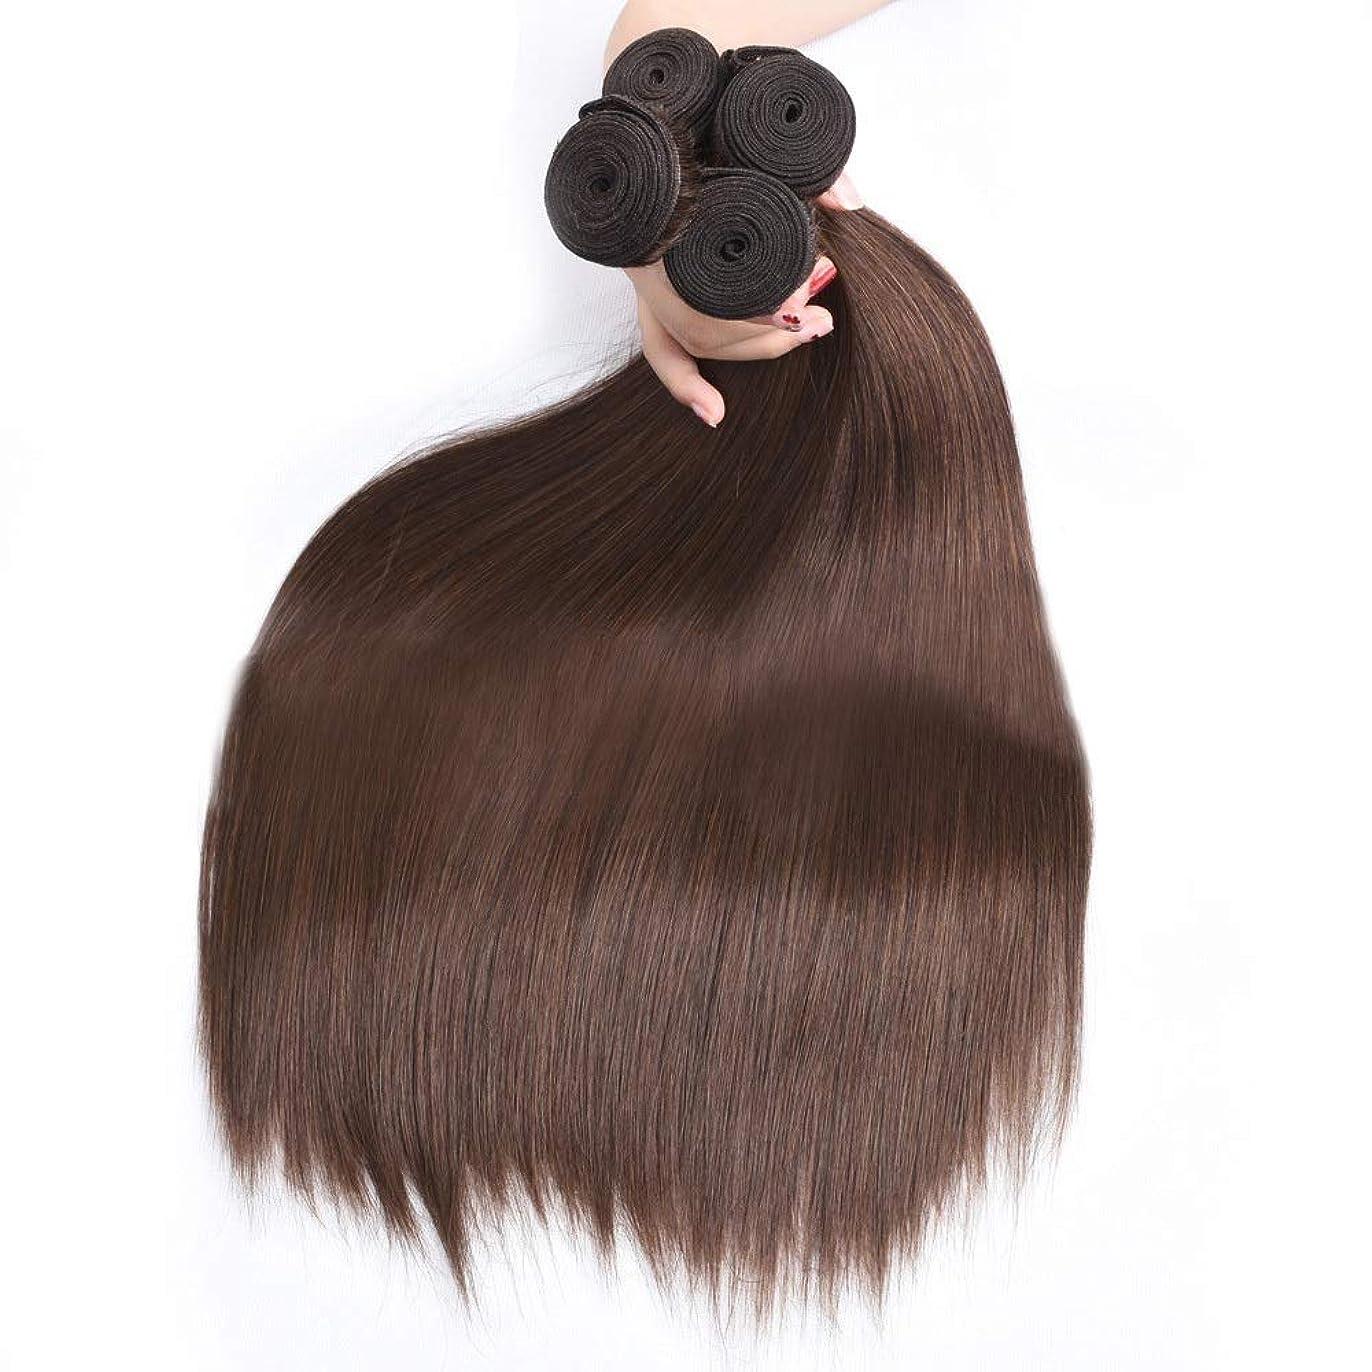 請願者明らかに矛盾するBOBIDYEE 絹のようなストレートの髪の束ブラジルのストレート本物の人間の髪の毛の拡張子#4ブラウン色ナチュラルルッキング(1バンドル、10-28インチ)女性用合成かつらレースかつらロールプレイングかつら (色 : ブラウン, サイズ : 28 inch)